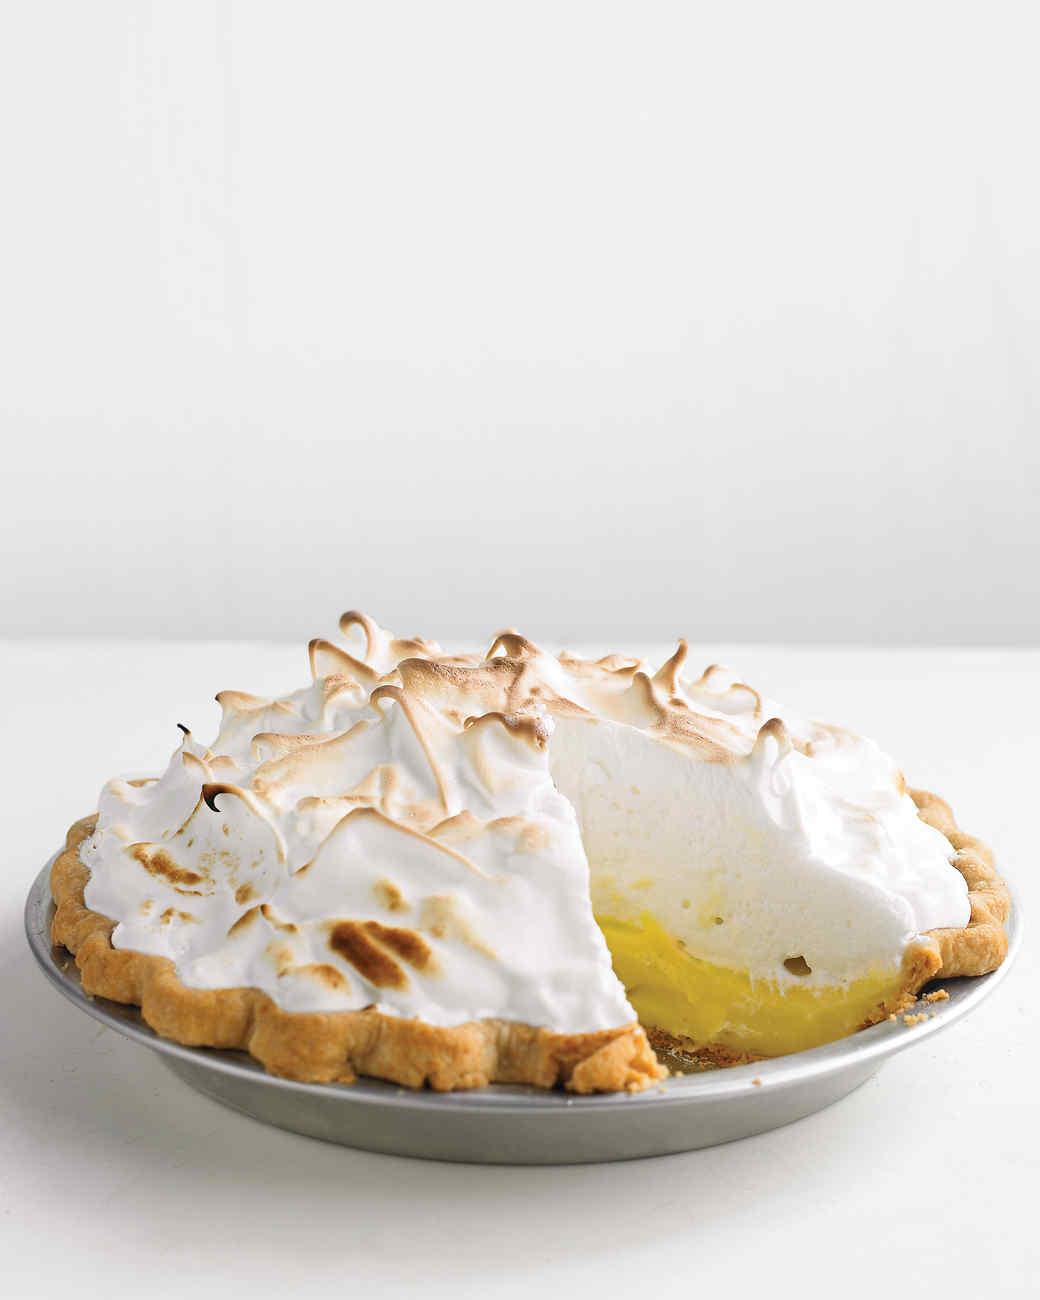 Martha's Lemon Meringue Pie